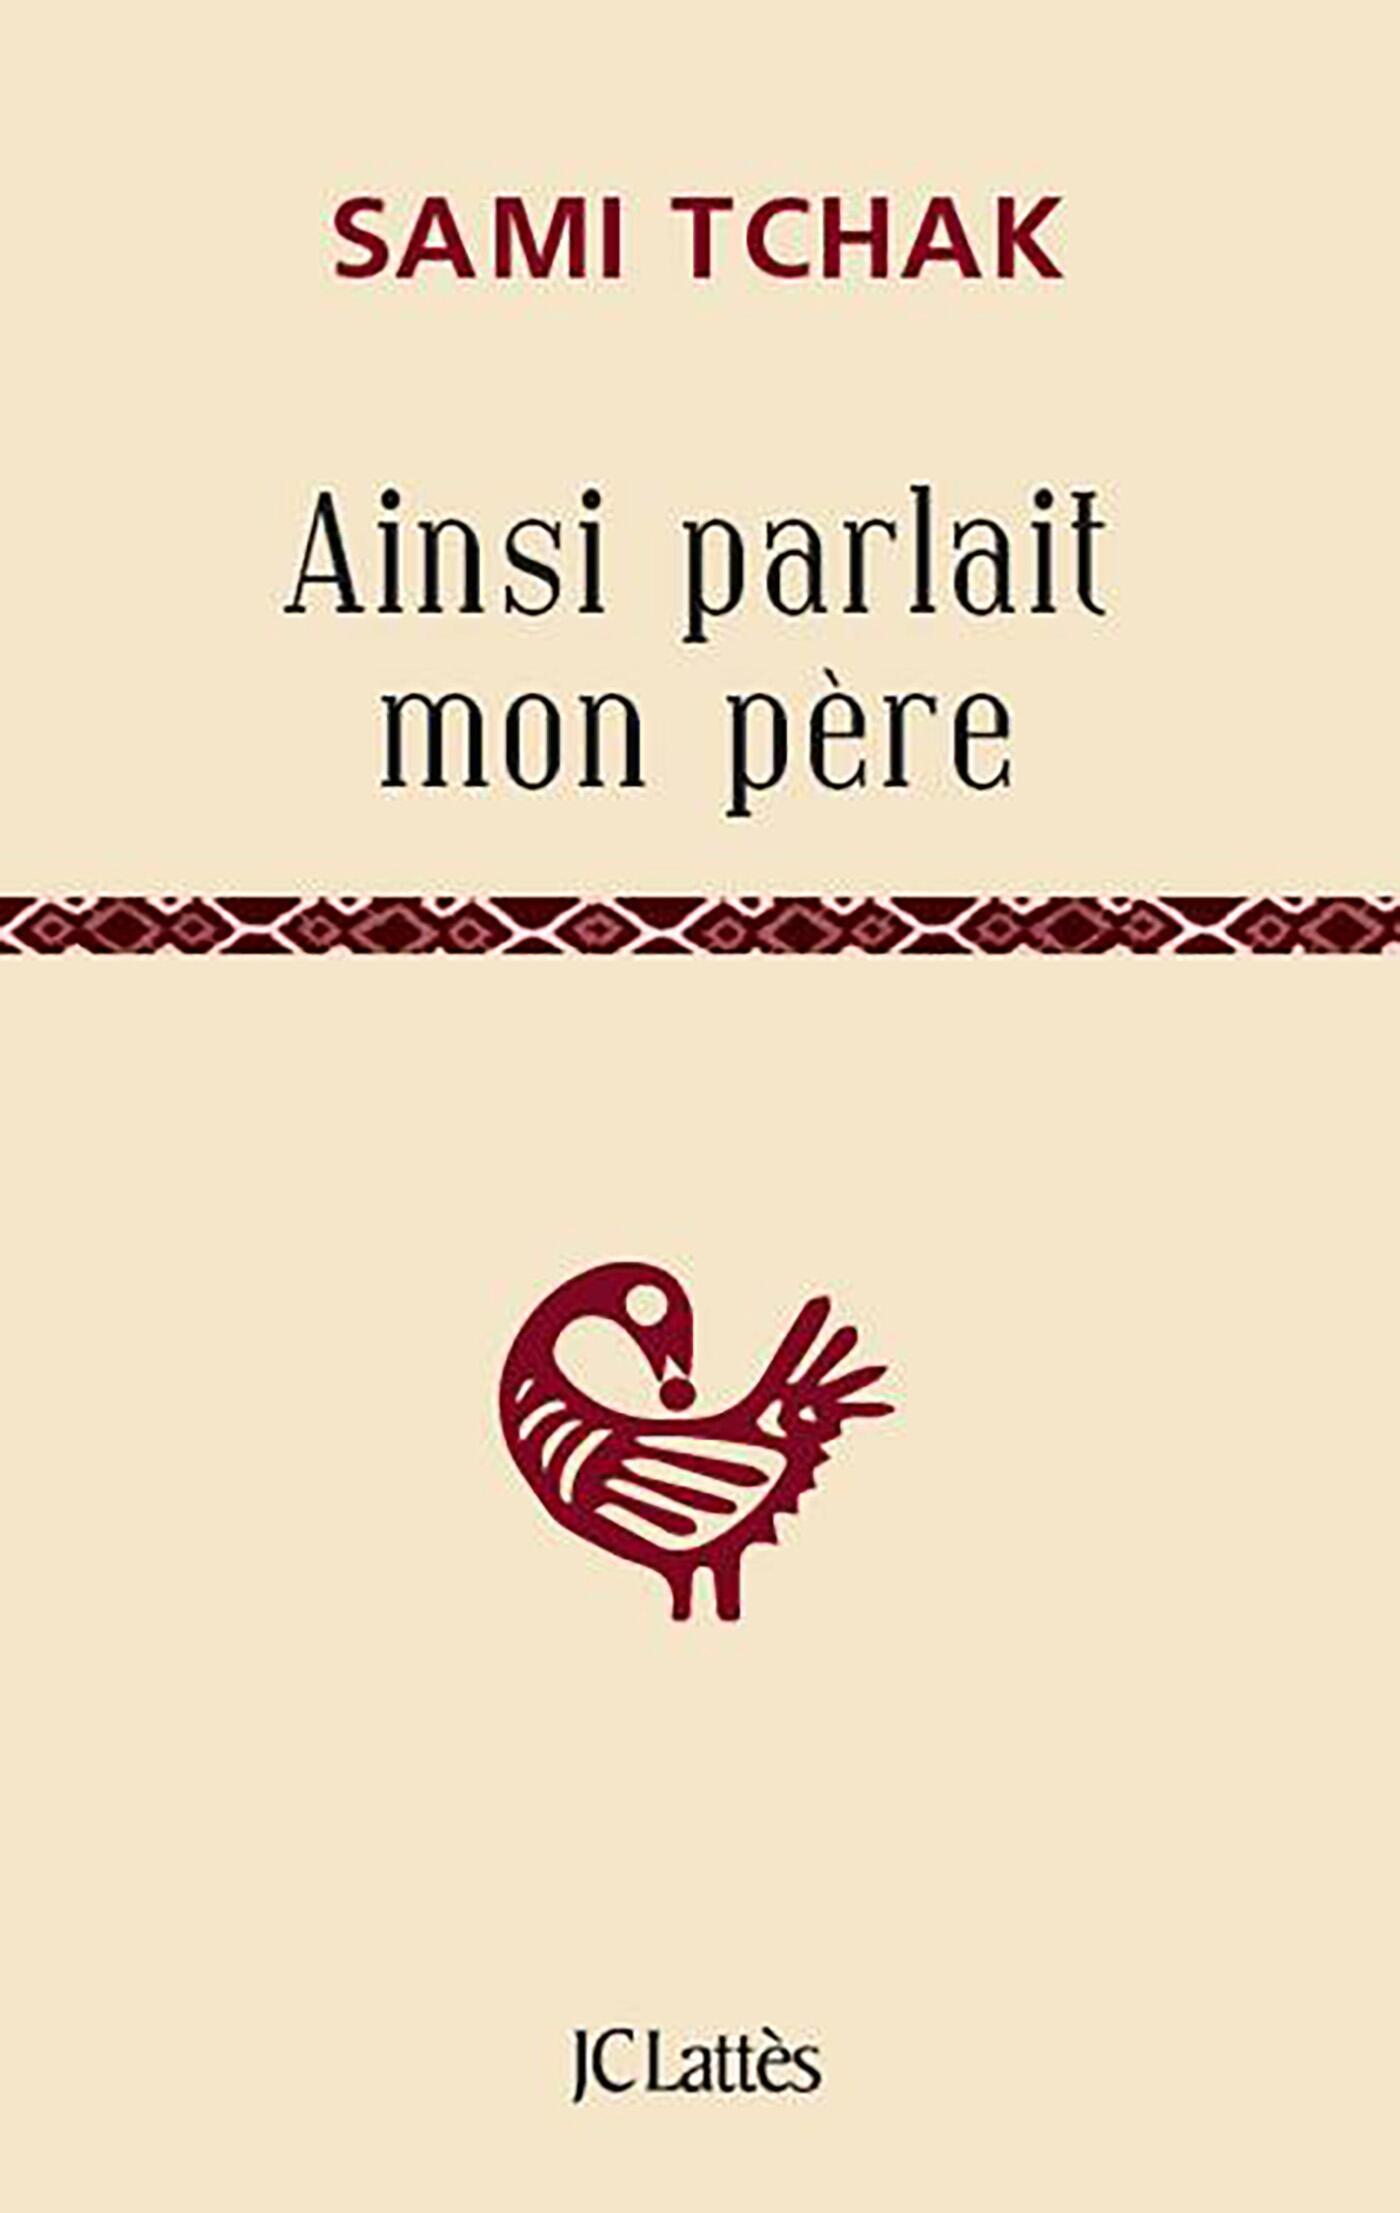 Le dernier ouvrage de Sami Tchak « Ainsi parlait mon père » de Sami Tchak est un roman nietzschéen.